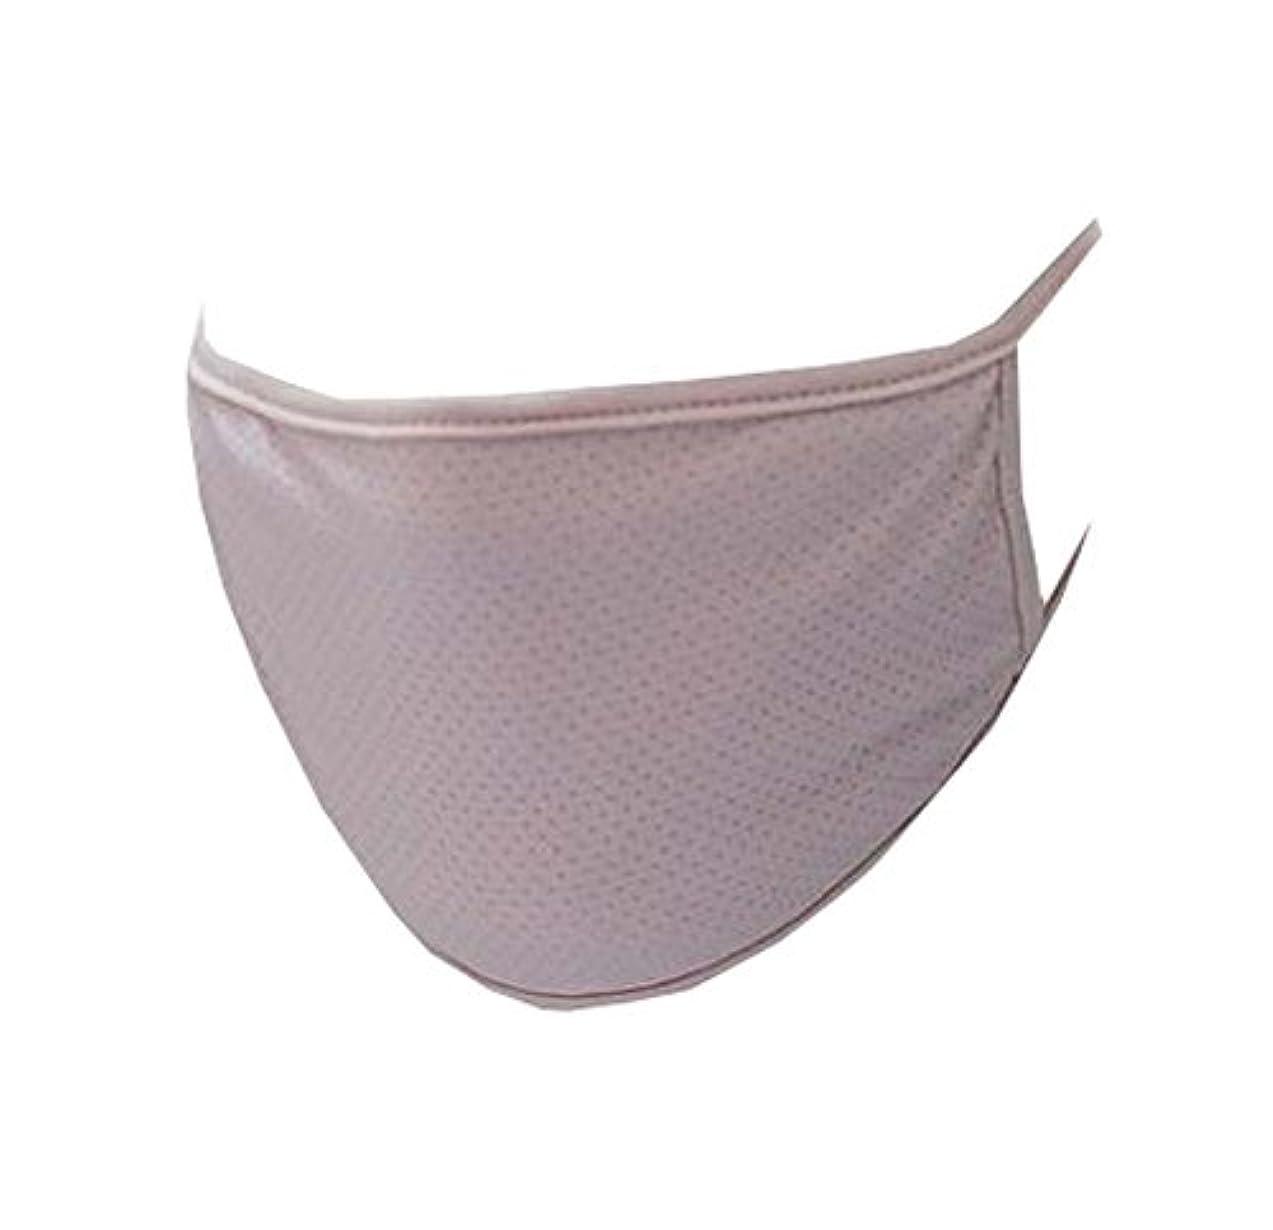 アベニュー不格好なかなか口マスク、再使用可能フィルター - 埃、花粉、アレルゲン、抗UV、およびインフルエンザ菌 - F